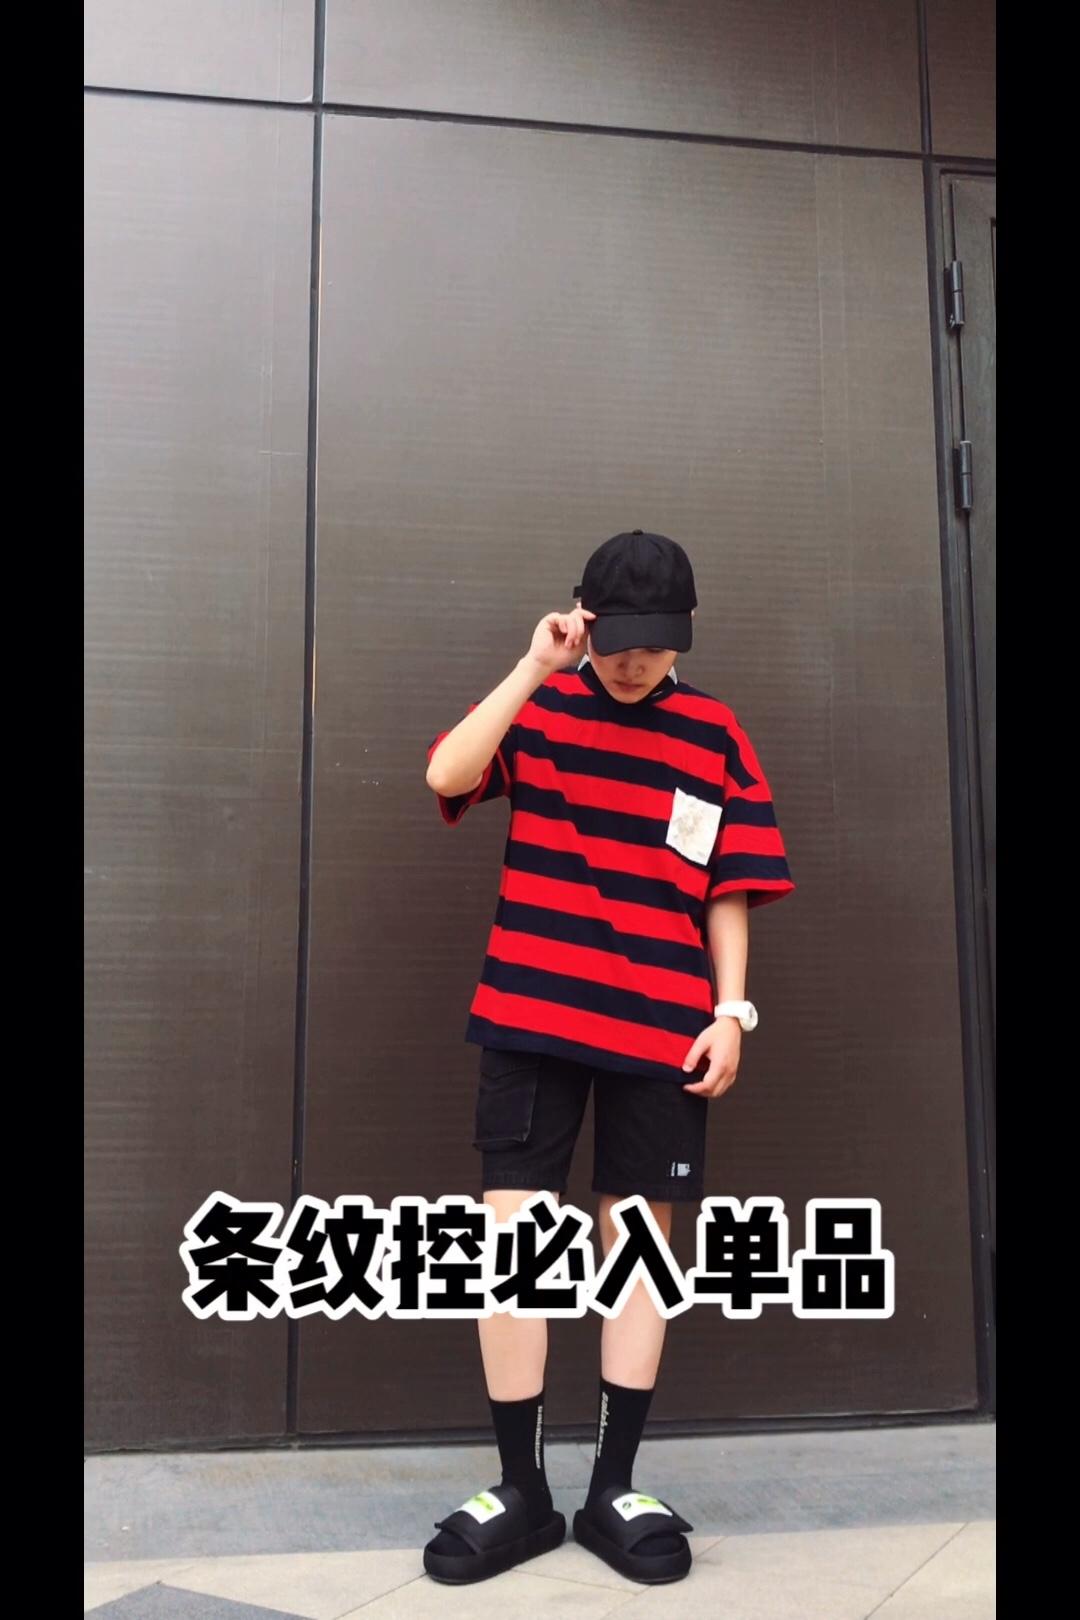 #618不能错过的网红店新款,买!# 撞色条纹搭配花朵贴花的T恤 版型是宽松落肩版型 横条纹比较宽松,真的很显瘦显身材 黑红色条纹,很显白的颜色 高对比颜色都衬肤色